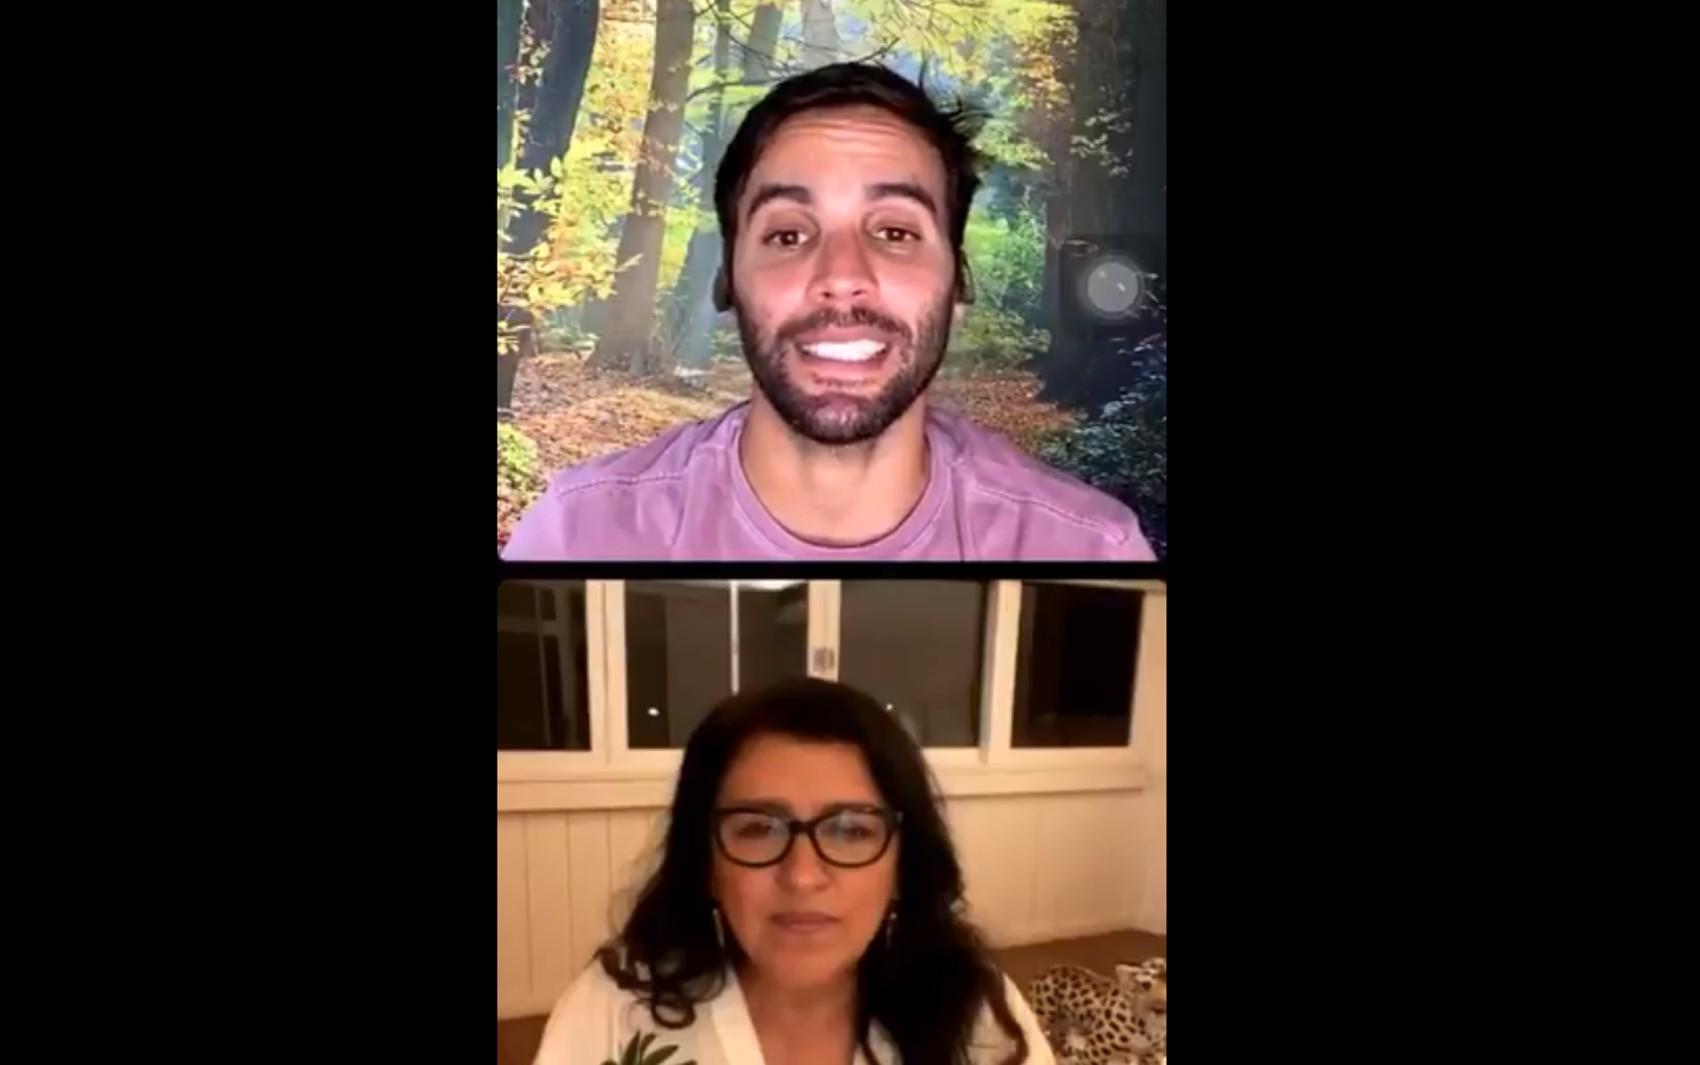 Durante live com Regina Casé, marido de Ivete Sangalo revela infecção por Covid-19 na família: 'Todos nós aqui pegamos'